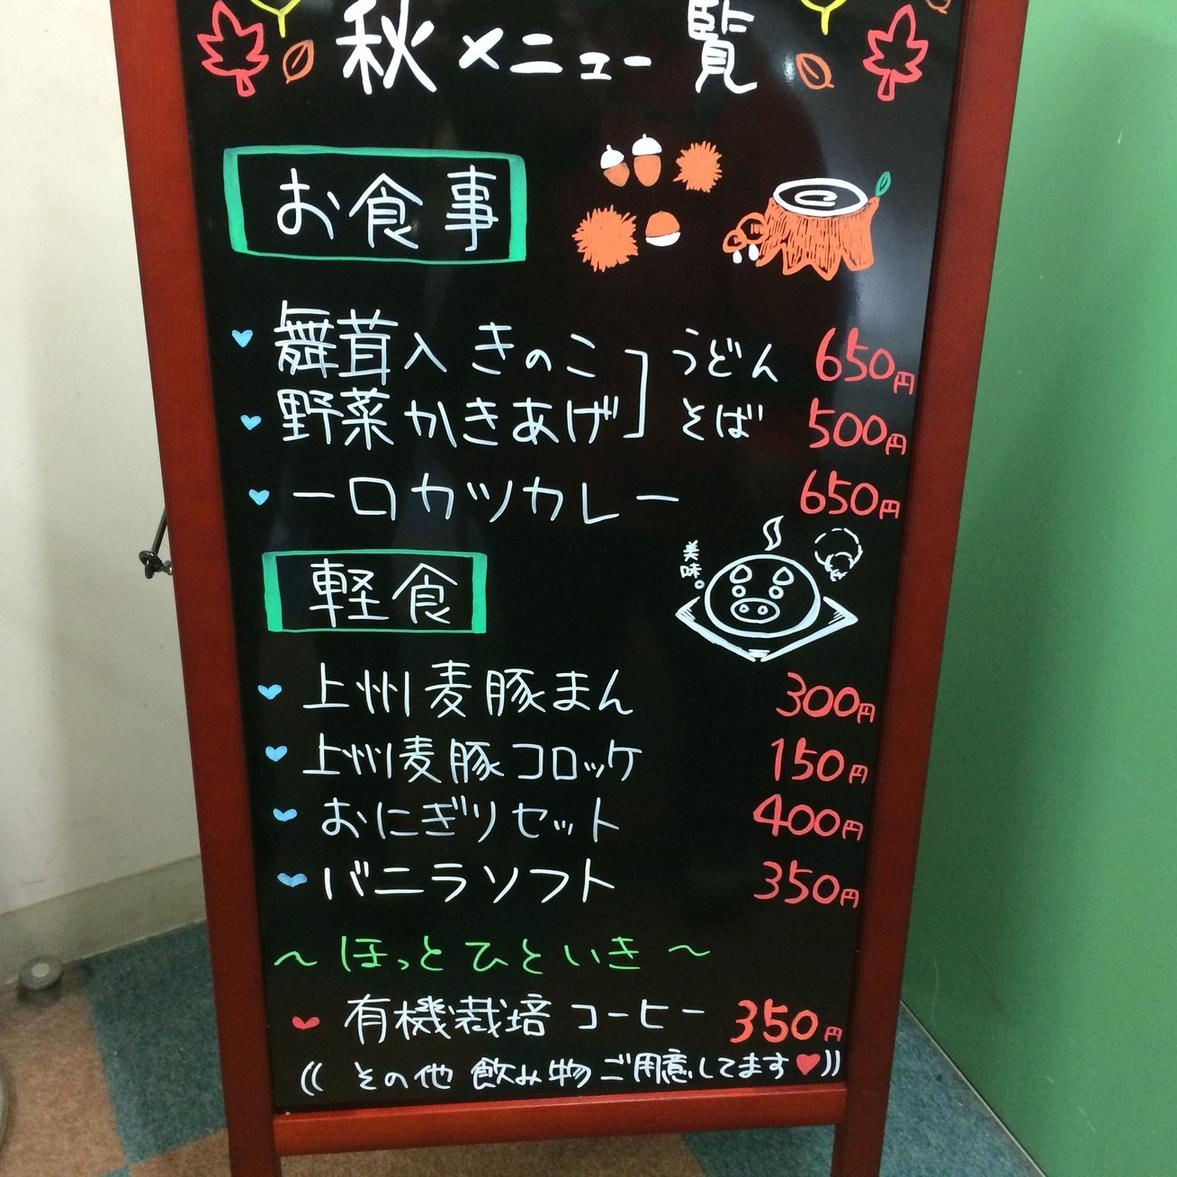 谷川岳ロープウェイ ベースプラザレストラン 売店